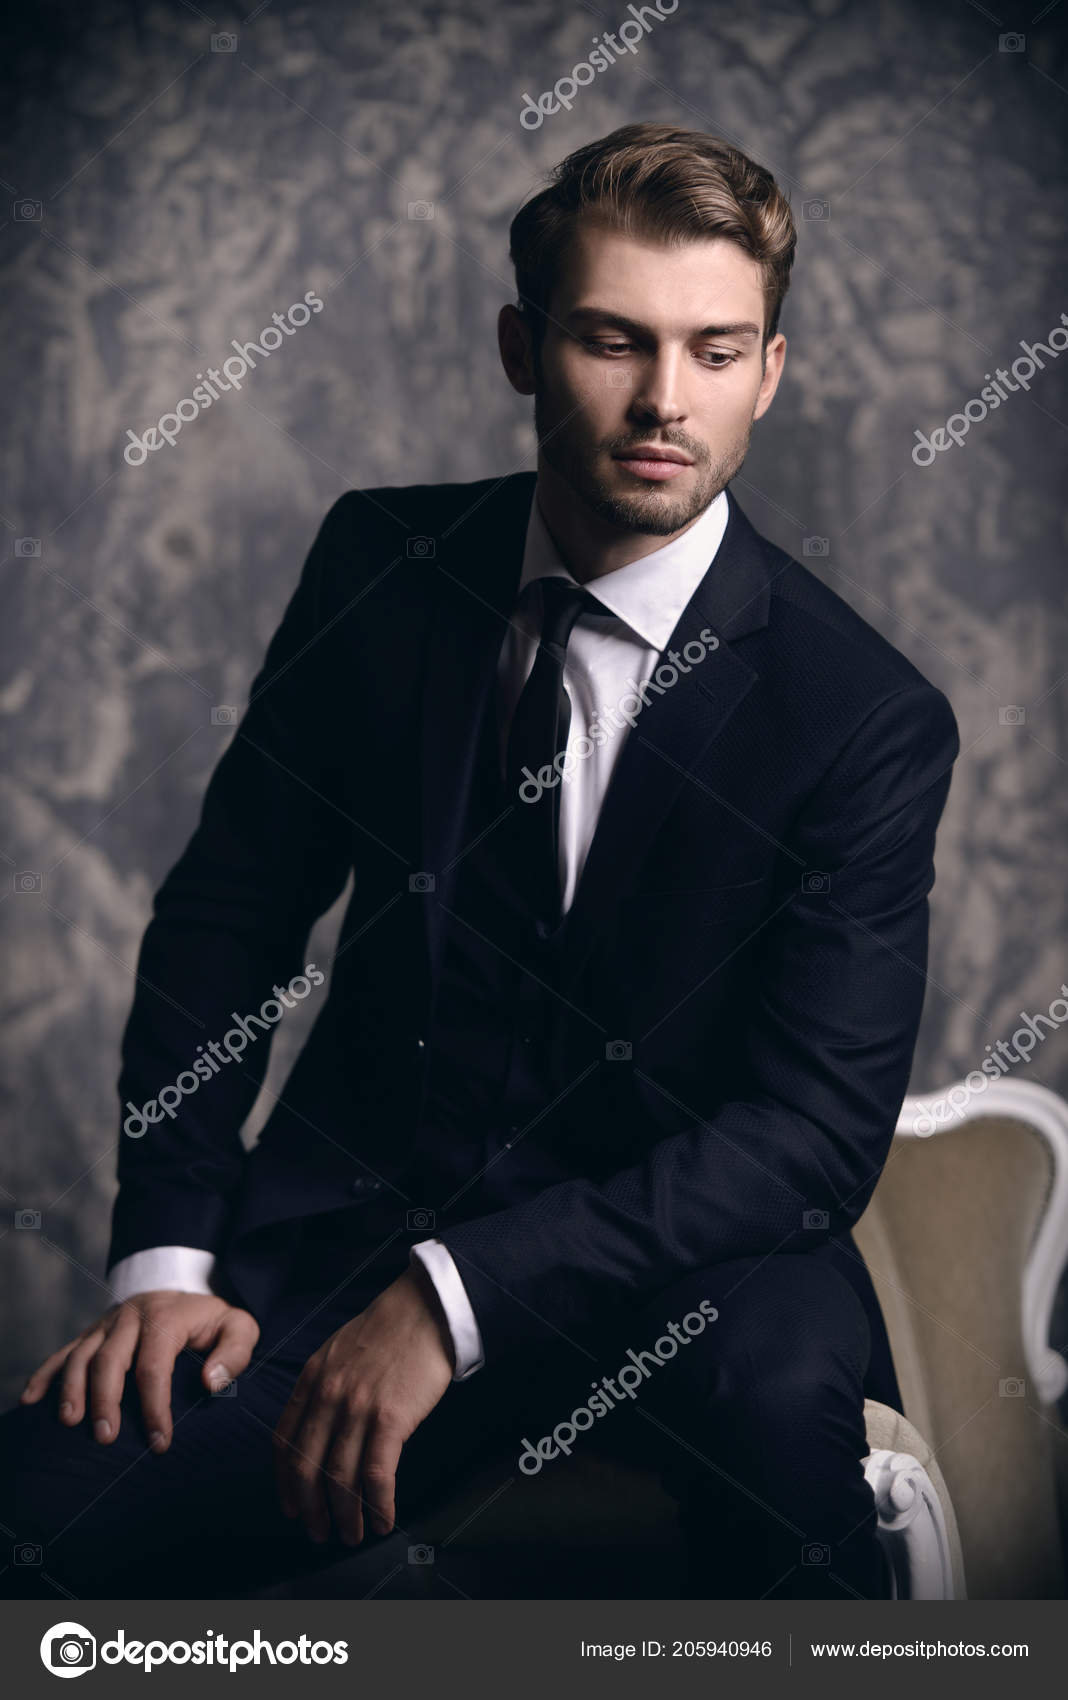 965ae113a2 Ritratto Uomo Bello Vestito Elegante Seduta Una Poltrona Una ...